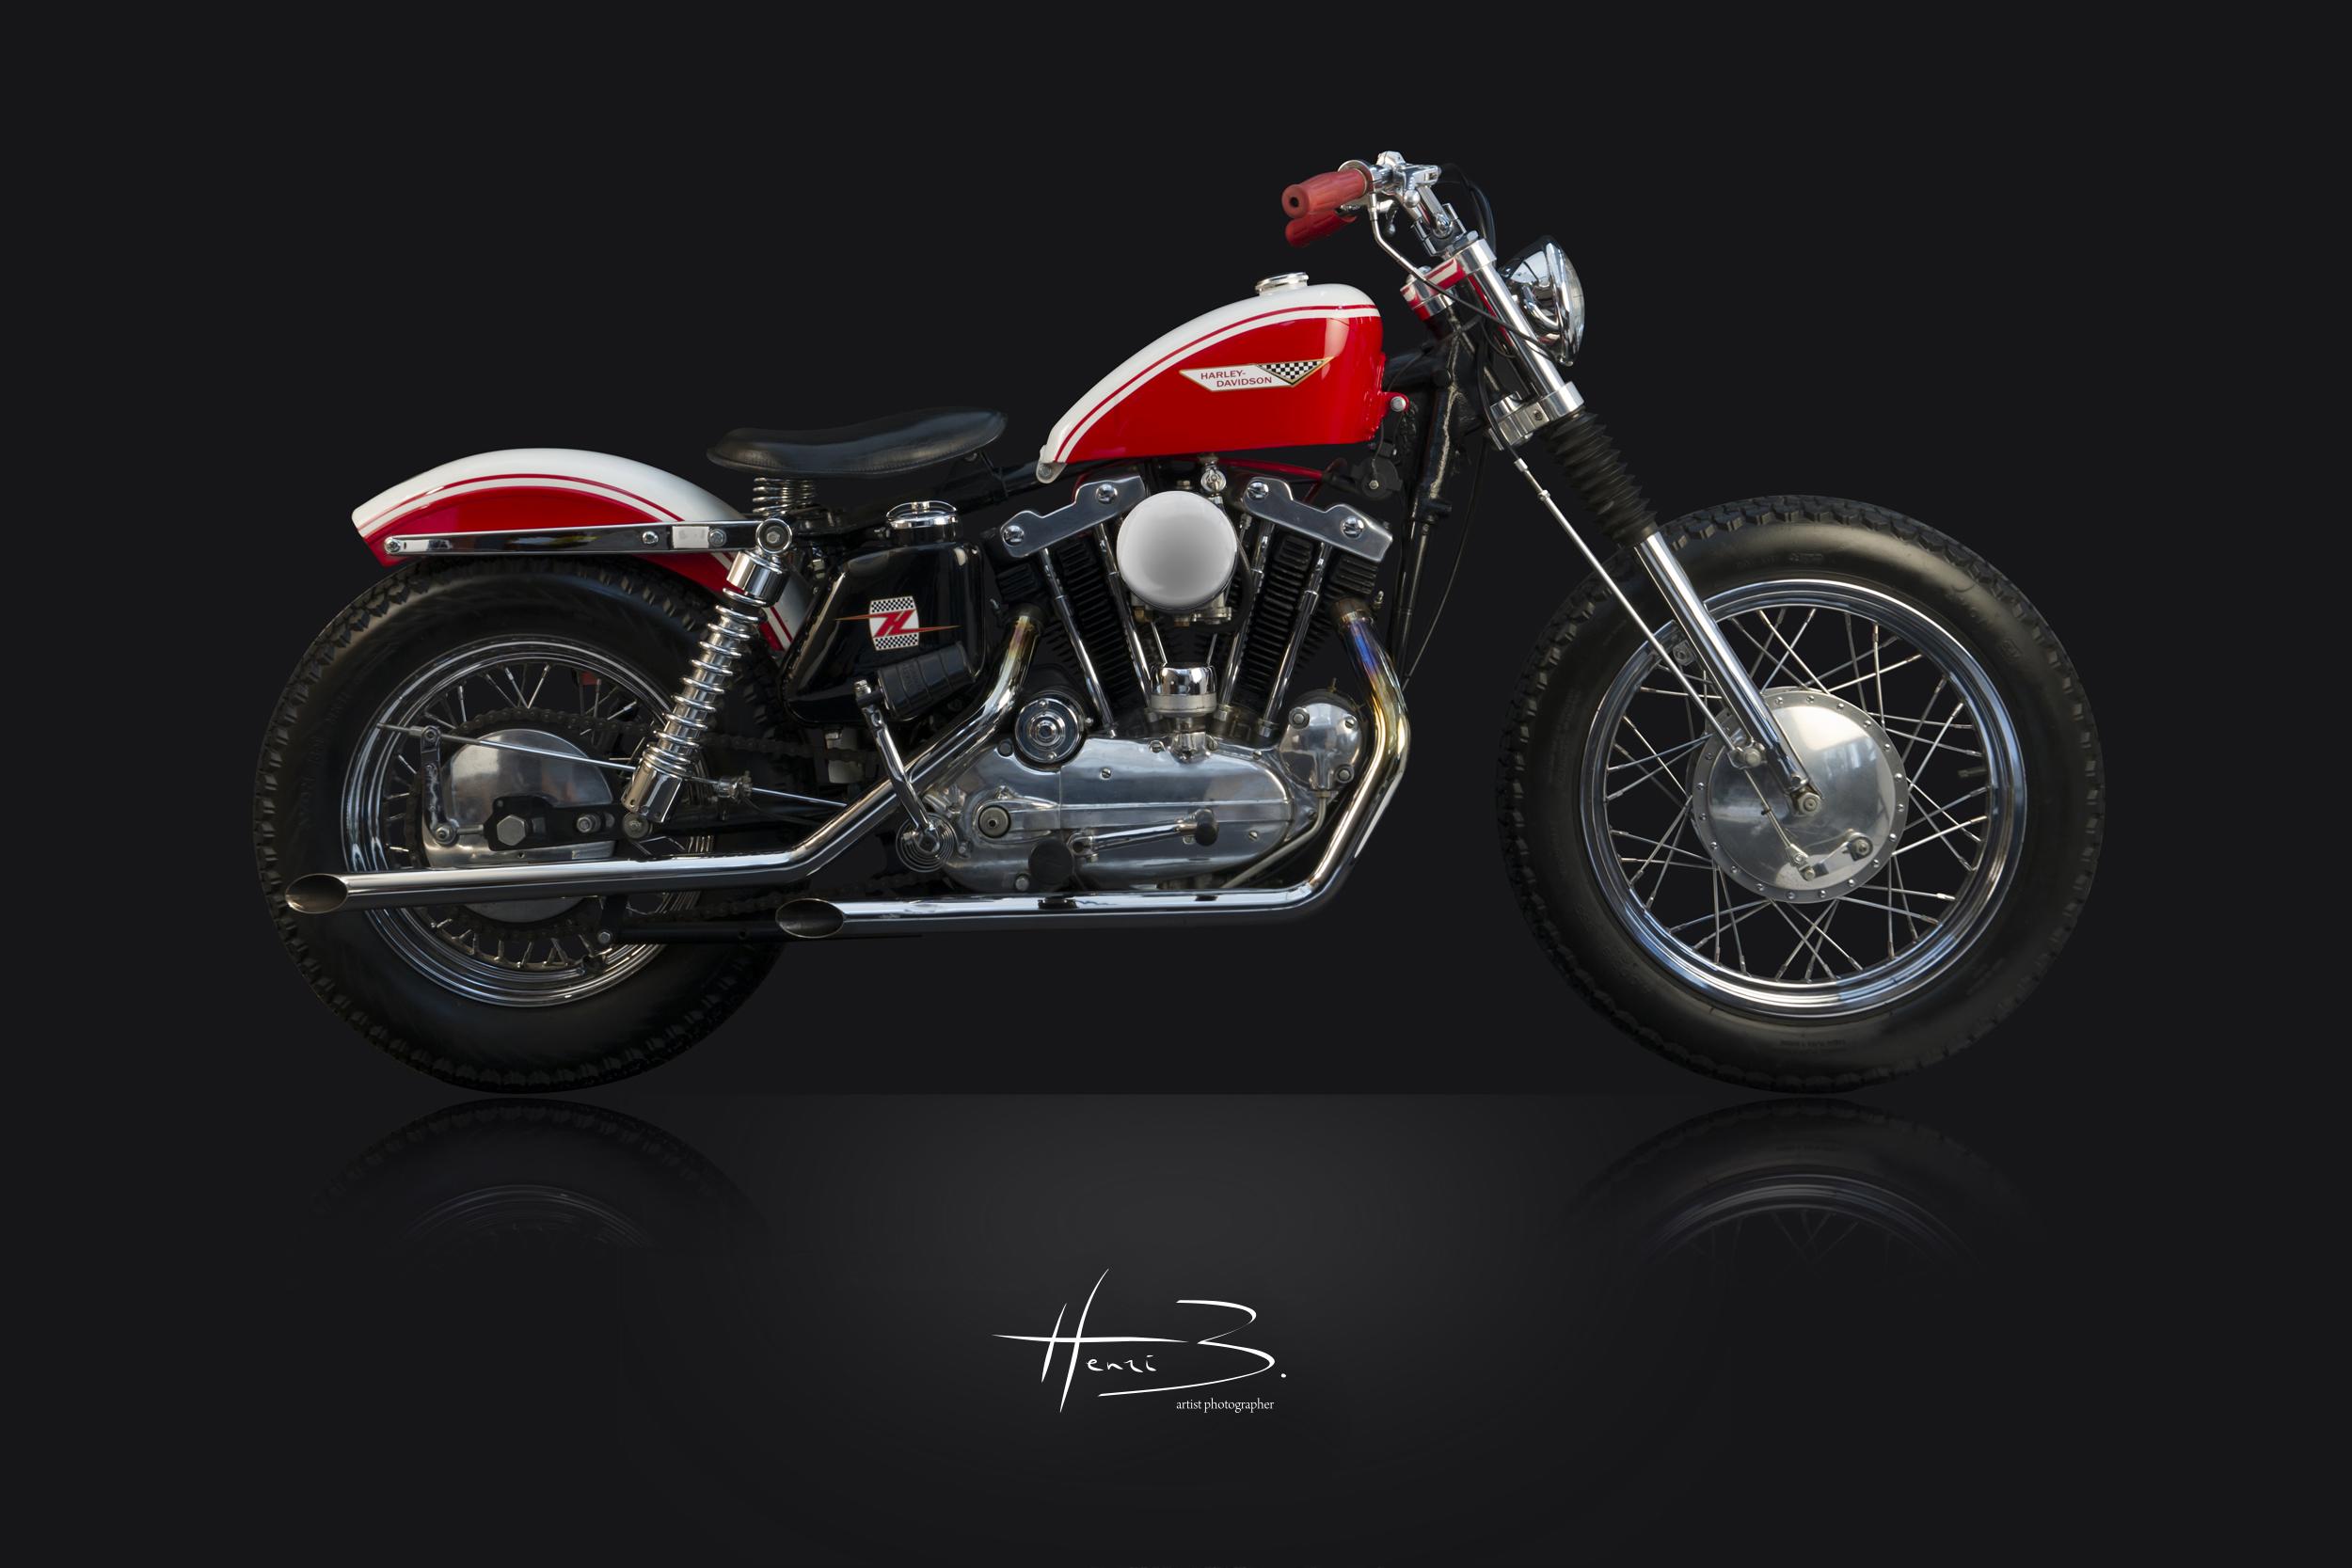 Harley Davidson 900 XLCH